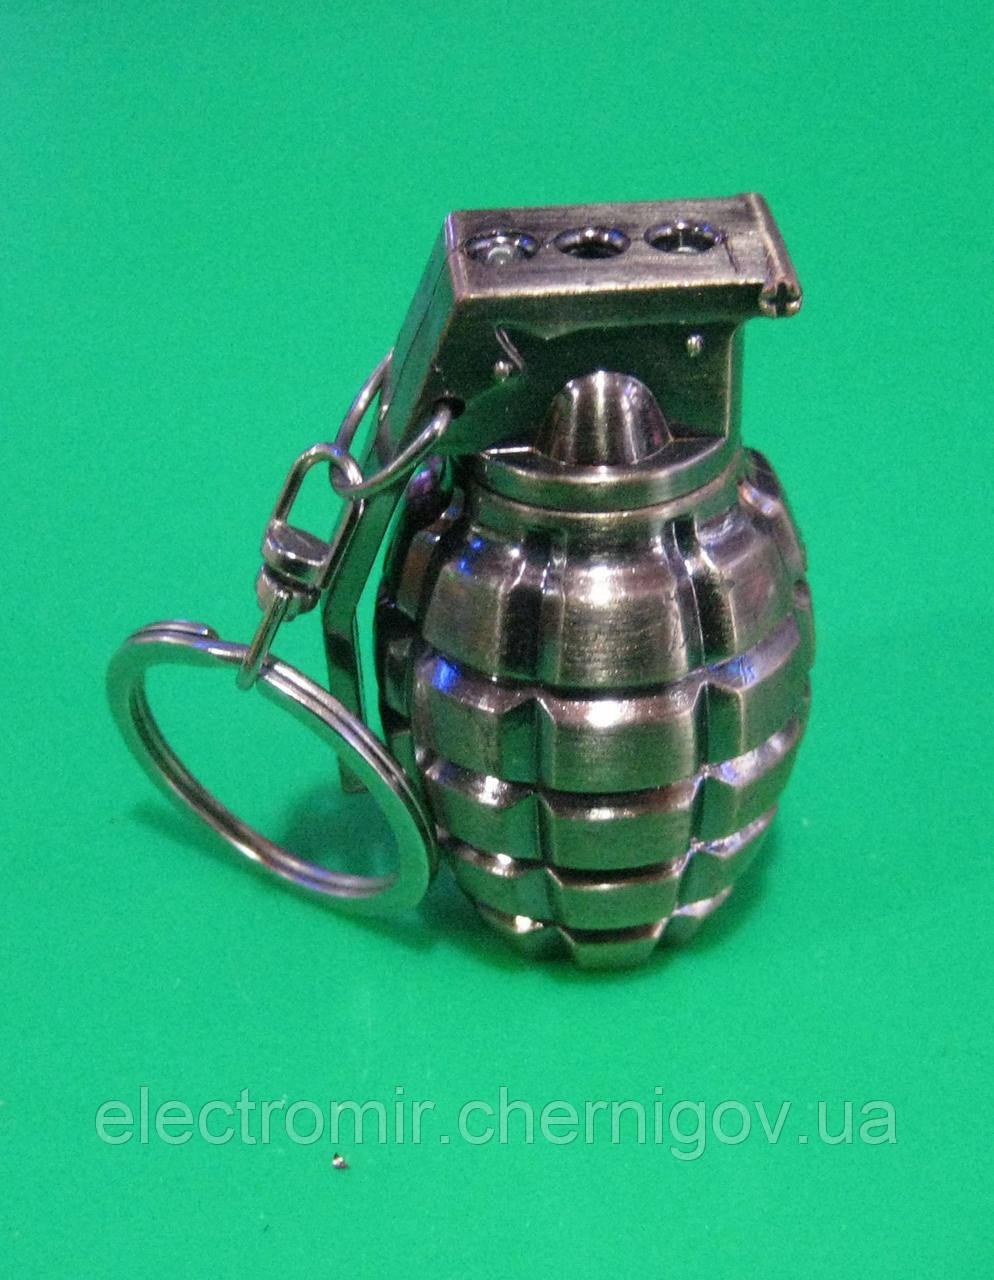 Фонарик-лазер-брелок 3в1 810 (в виде гранаты)